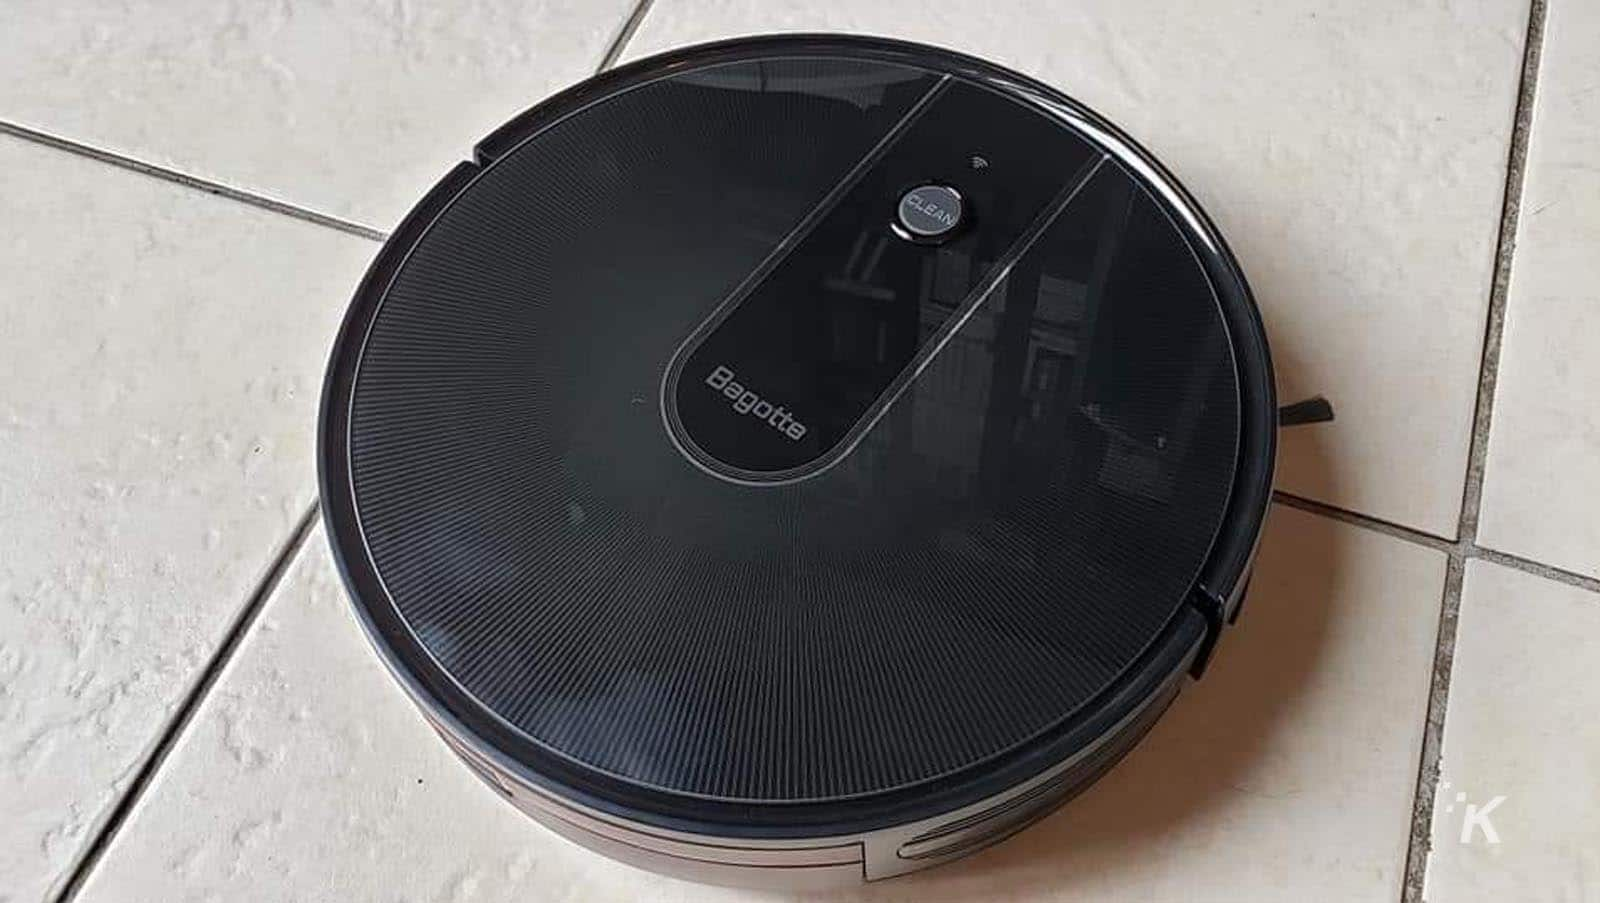 bagotte bg700 robotic vacuum on floor